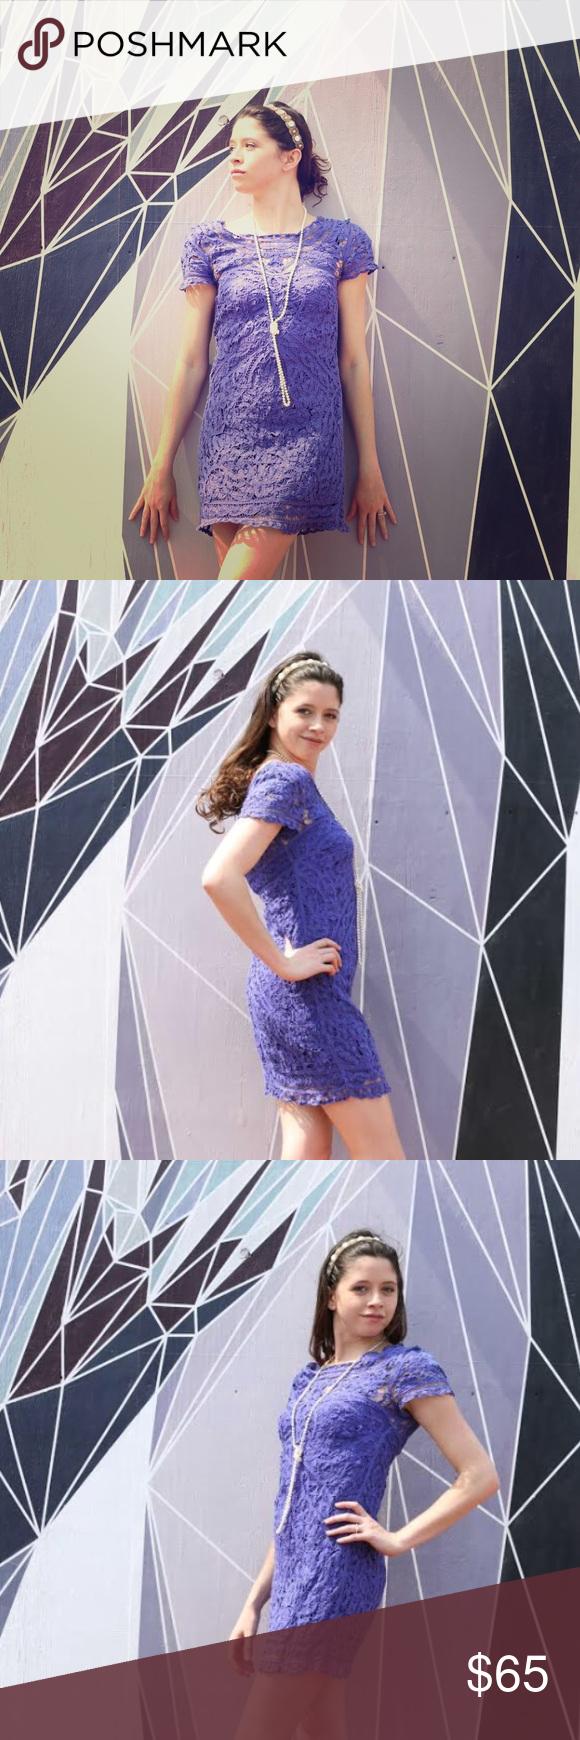 Designer Blue Crochet Dress size XS Designer Blue Crochet Dress size XS Romeo & Juliet Couture Dresses Mini